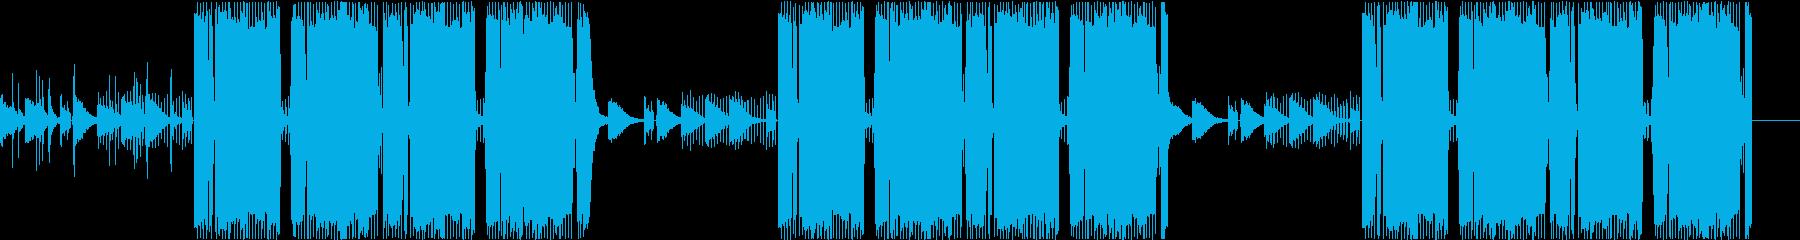 和風ヒップホップ・トラップ・三味線ギターの再生済みの波形